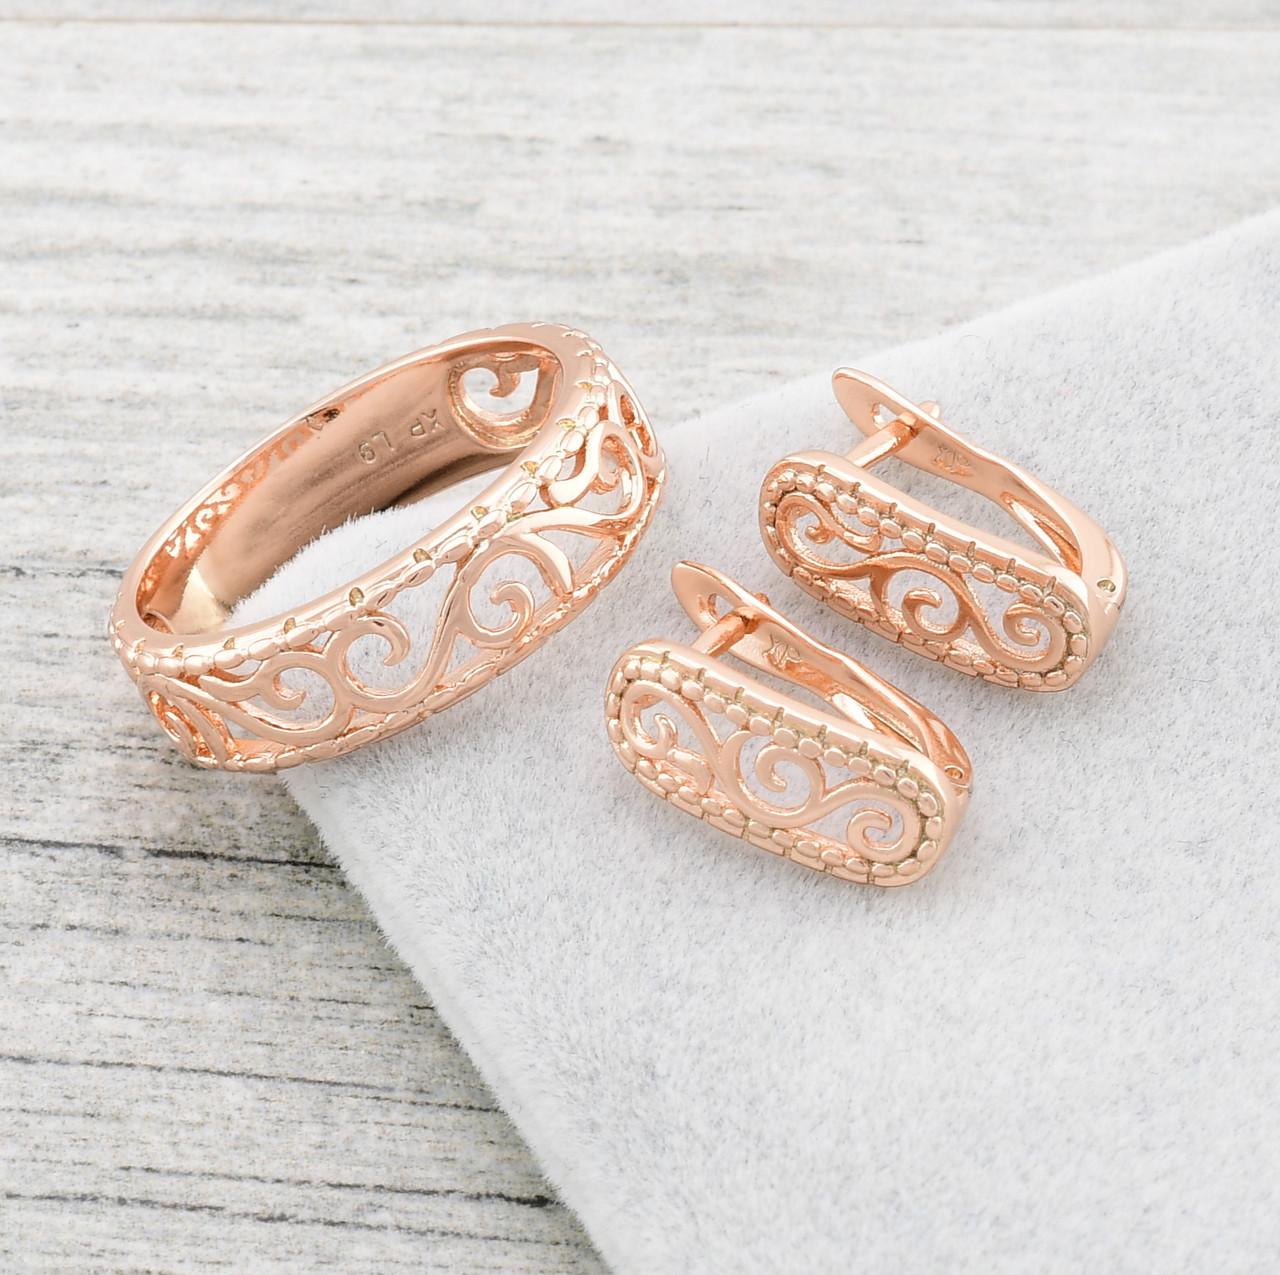 Набор Xuping Изысканность 65009 кольцо размер 16 + серьги 15х6 мм позолота РО